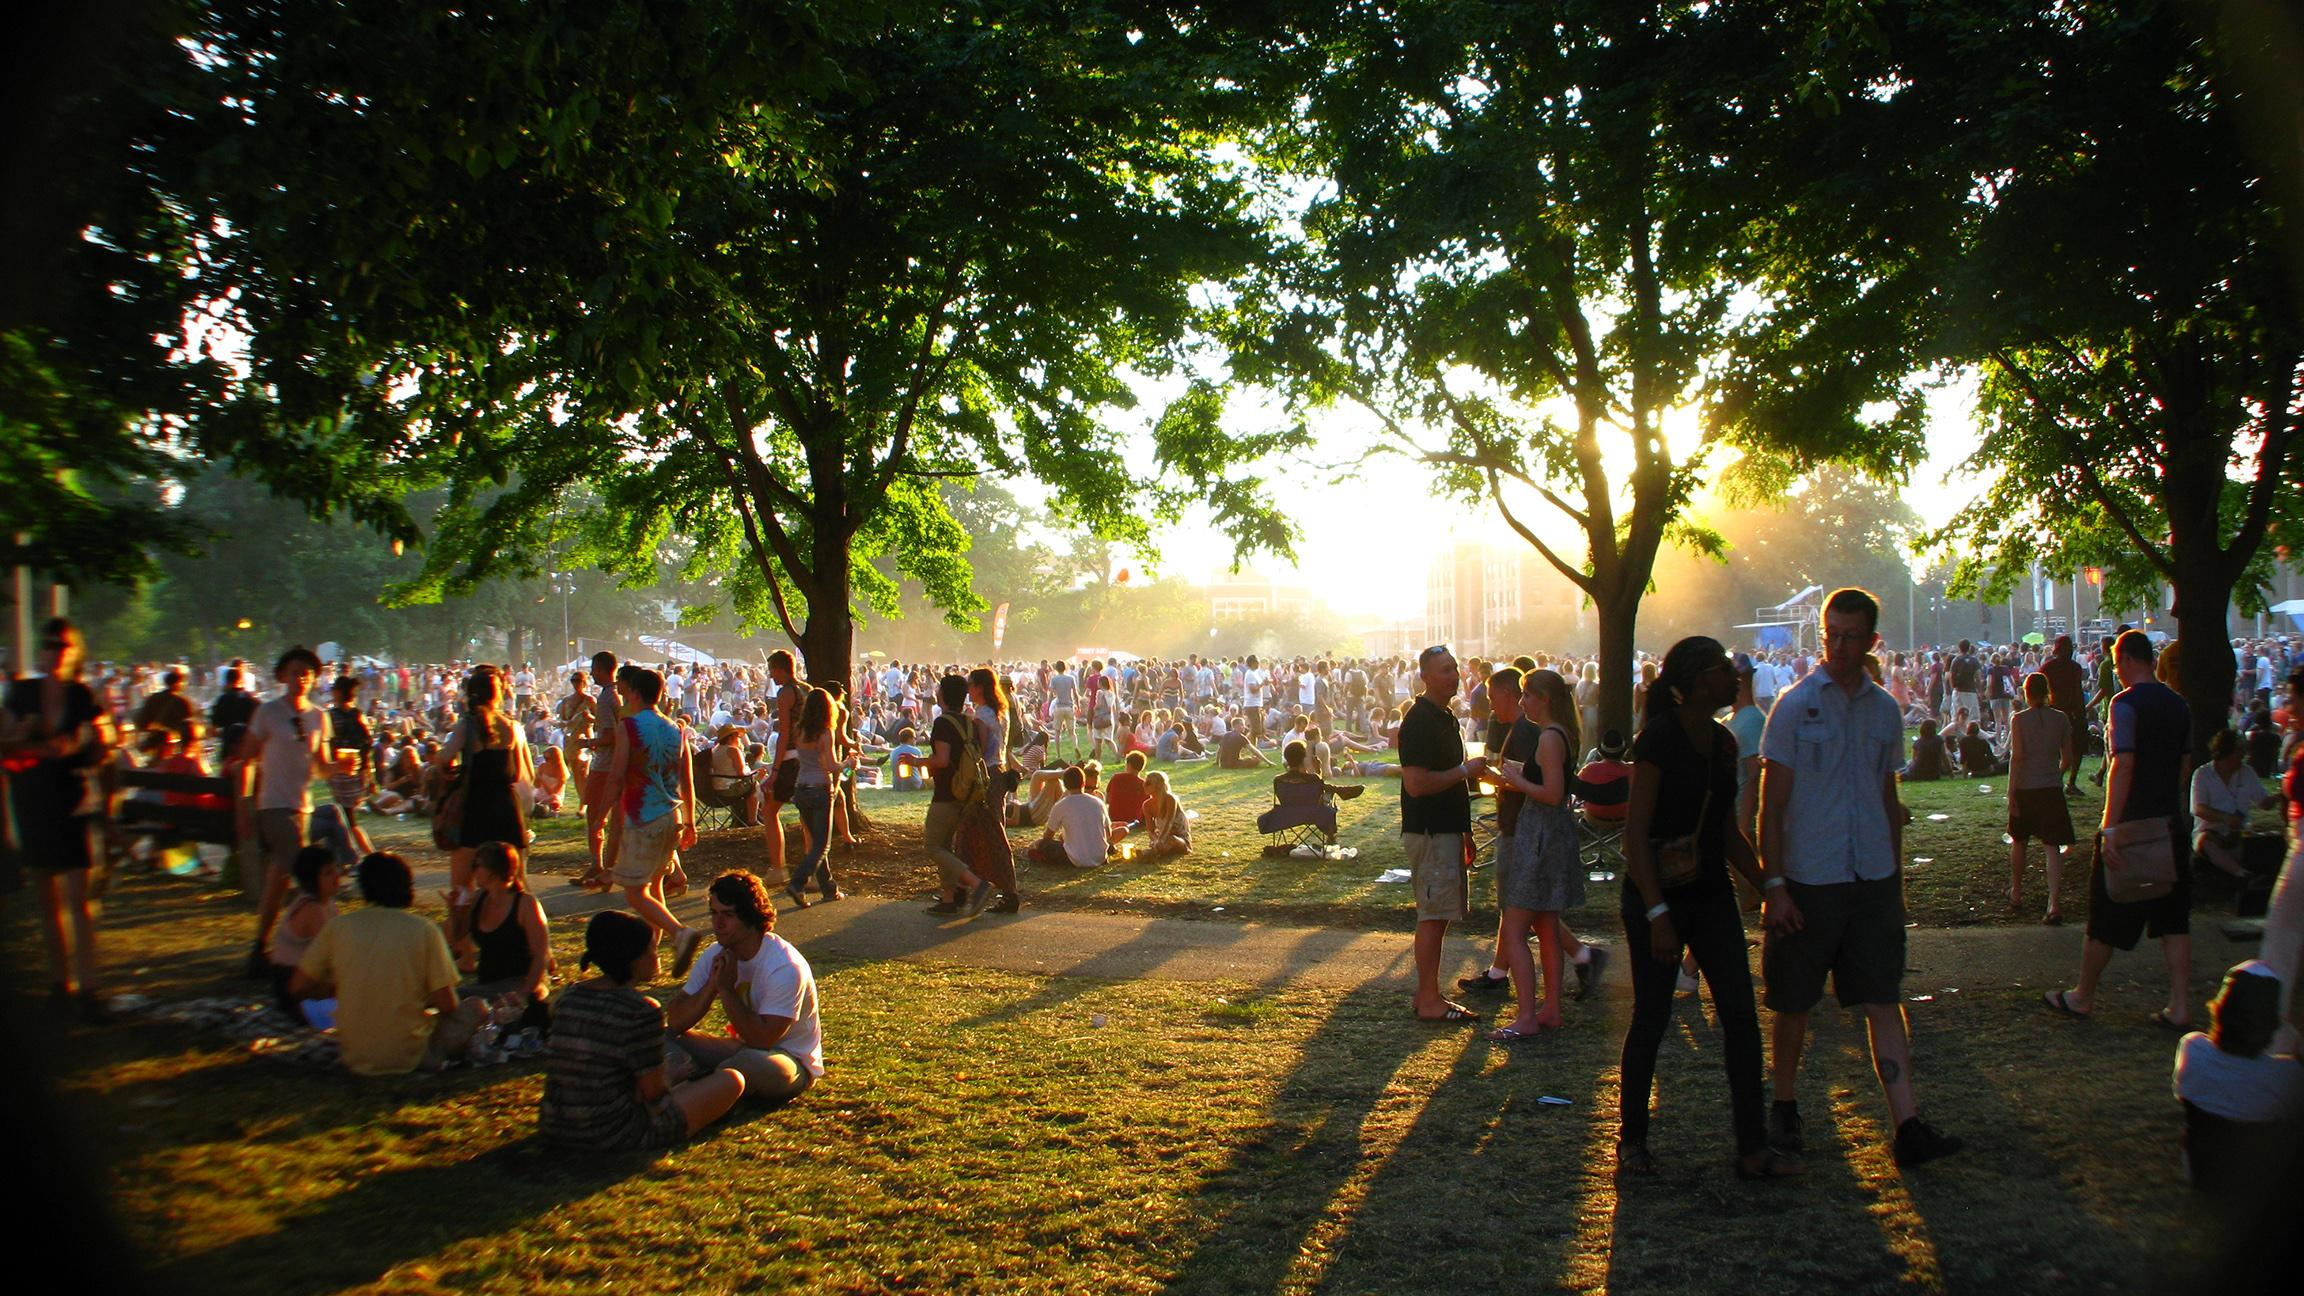 9 Pitchfork Music Festival